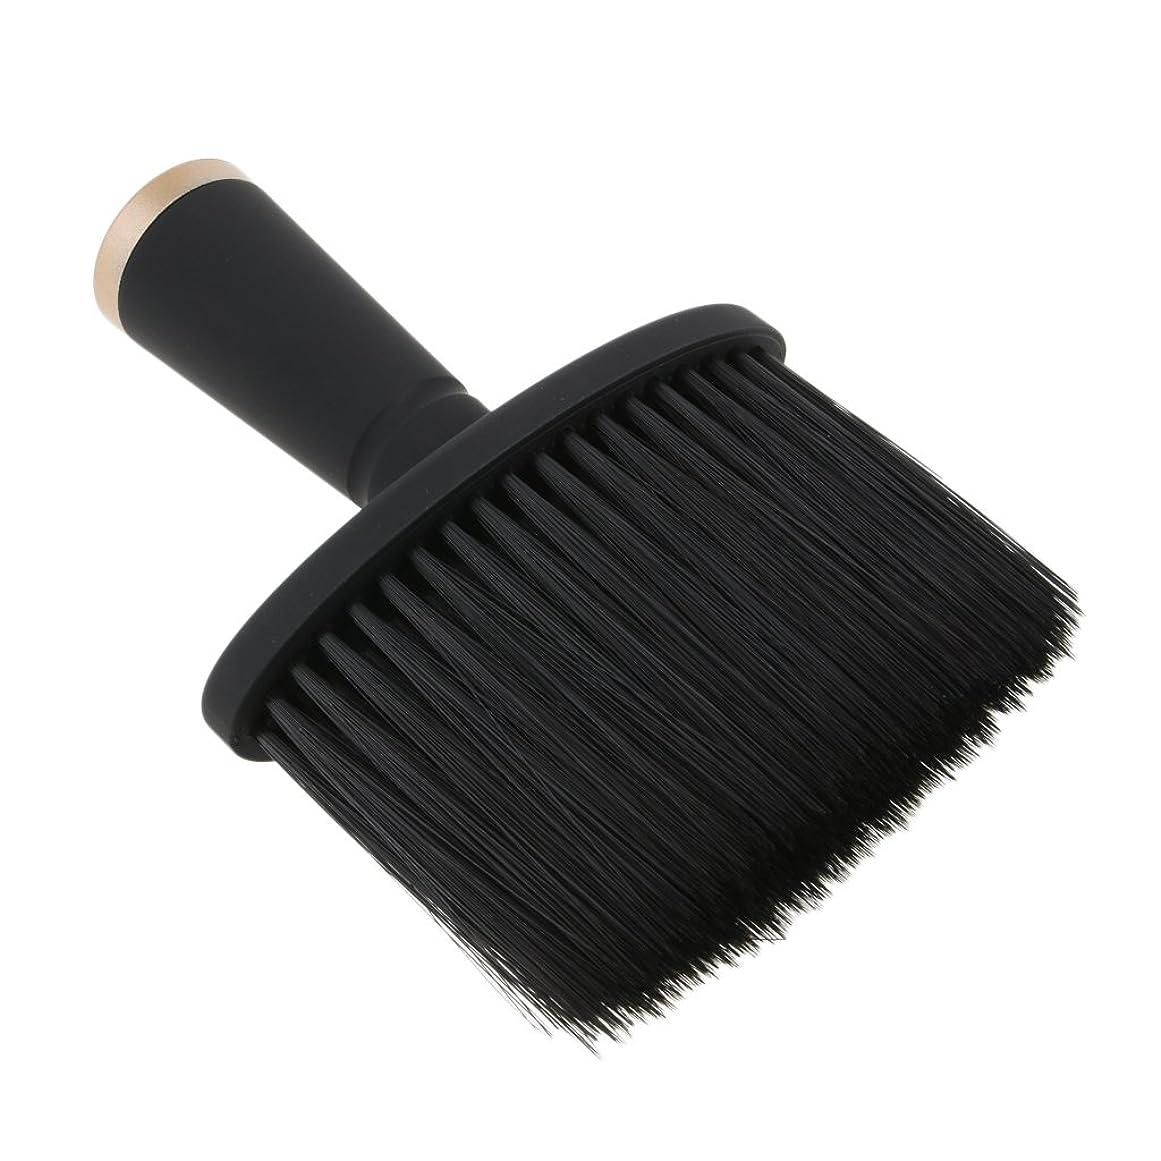 市民ビリーヤギパラシュートKesoto ネックダスターブラシ ヘアカット ヘアブラシ ソフト サロン ヘアスタイリスト 理髪 全2色 - ゴールド